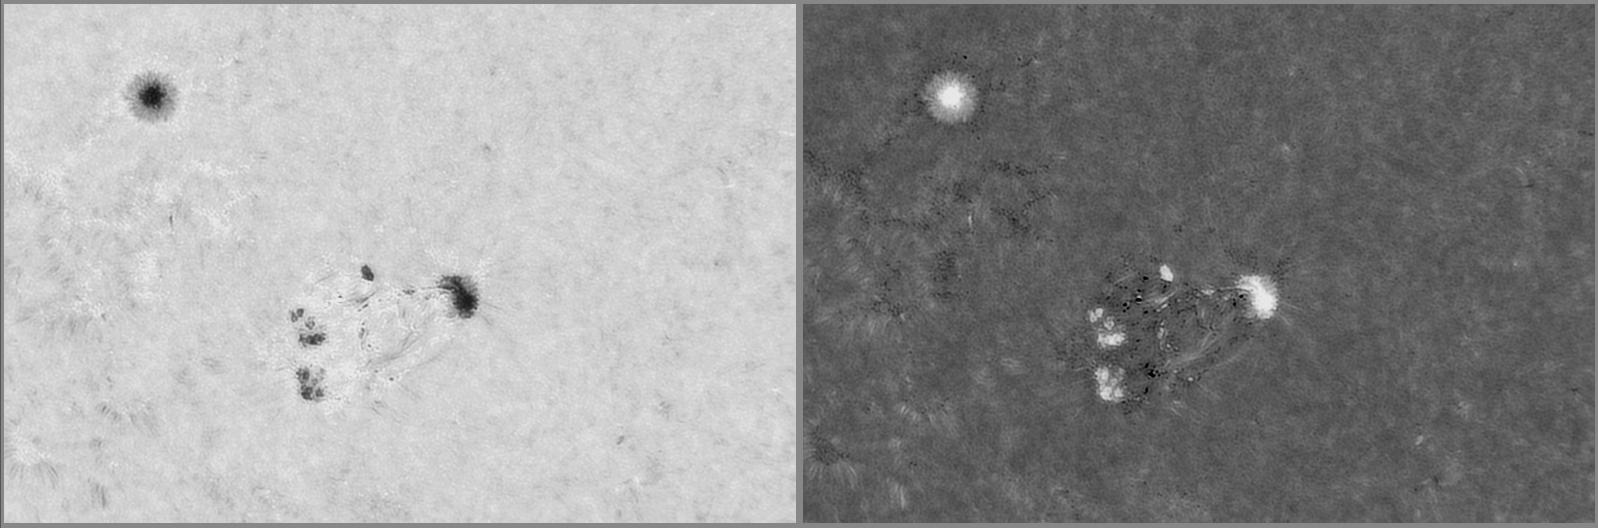 AR2816 Redcontinuum 14.48h MESZ.png